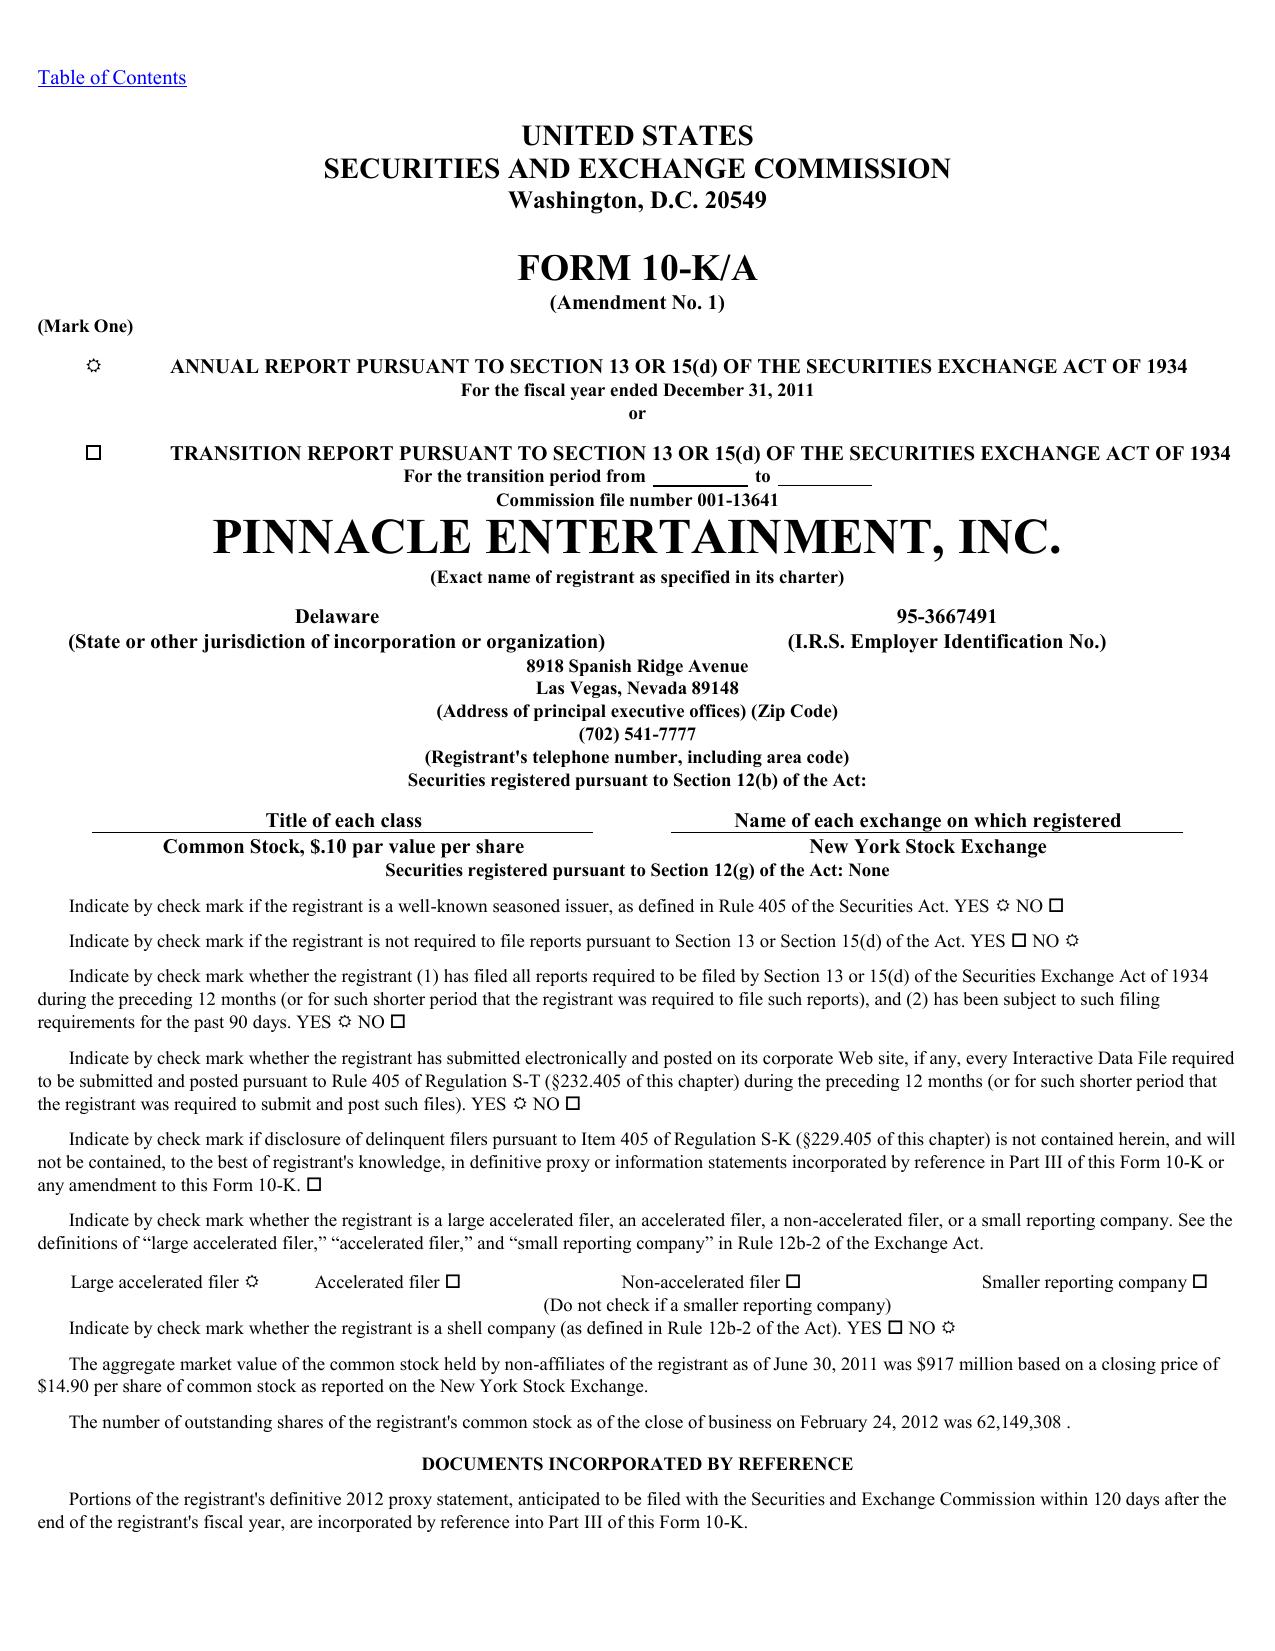 PINNACLE ENTERTAINMENT INC  (Form: 10-K/A